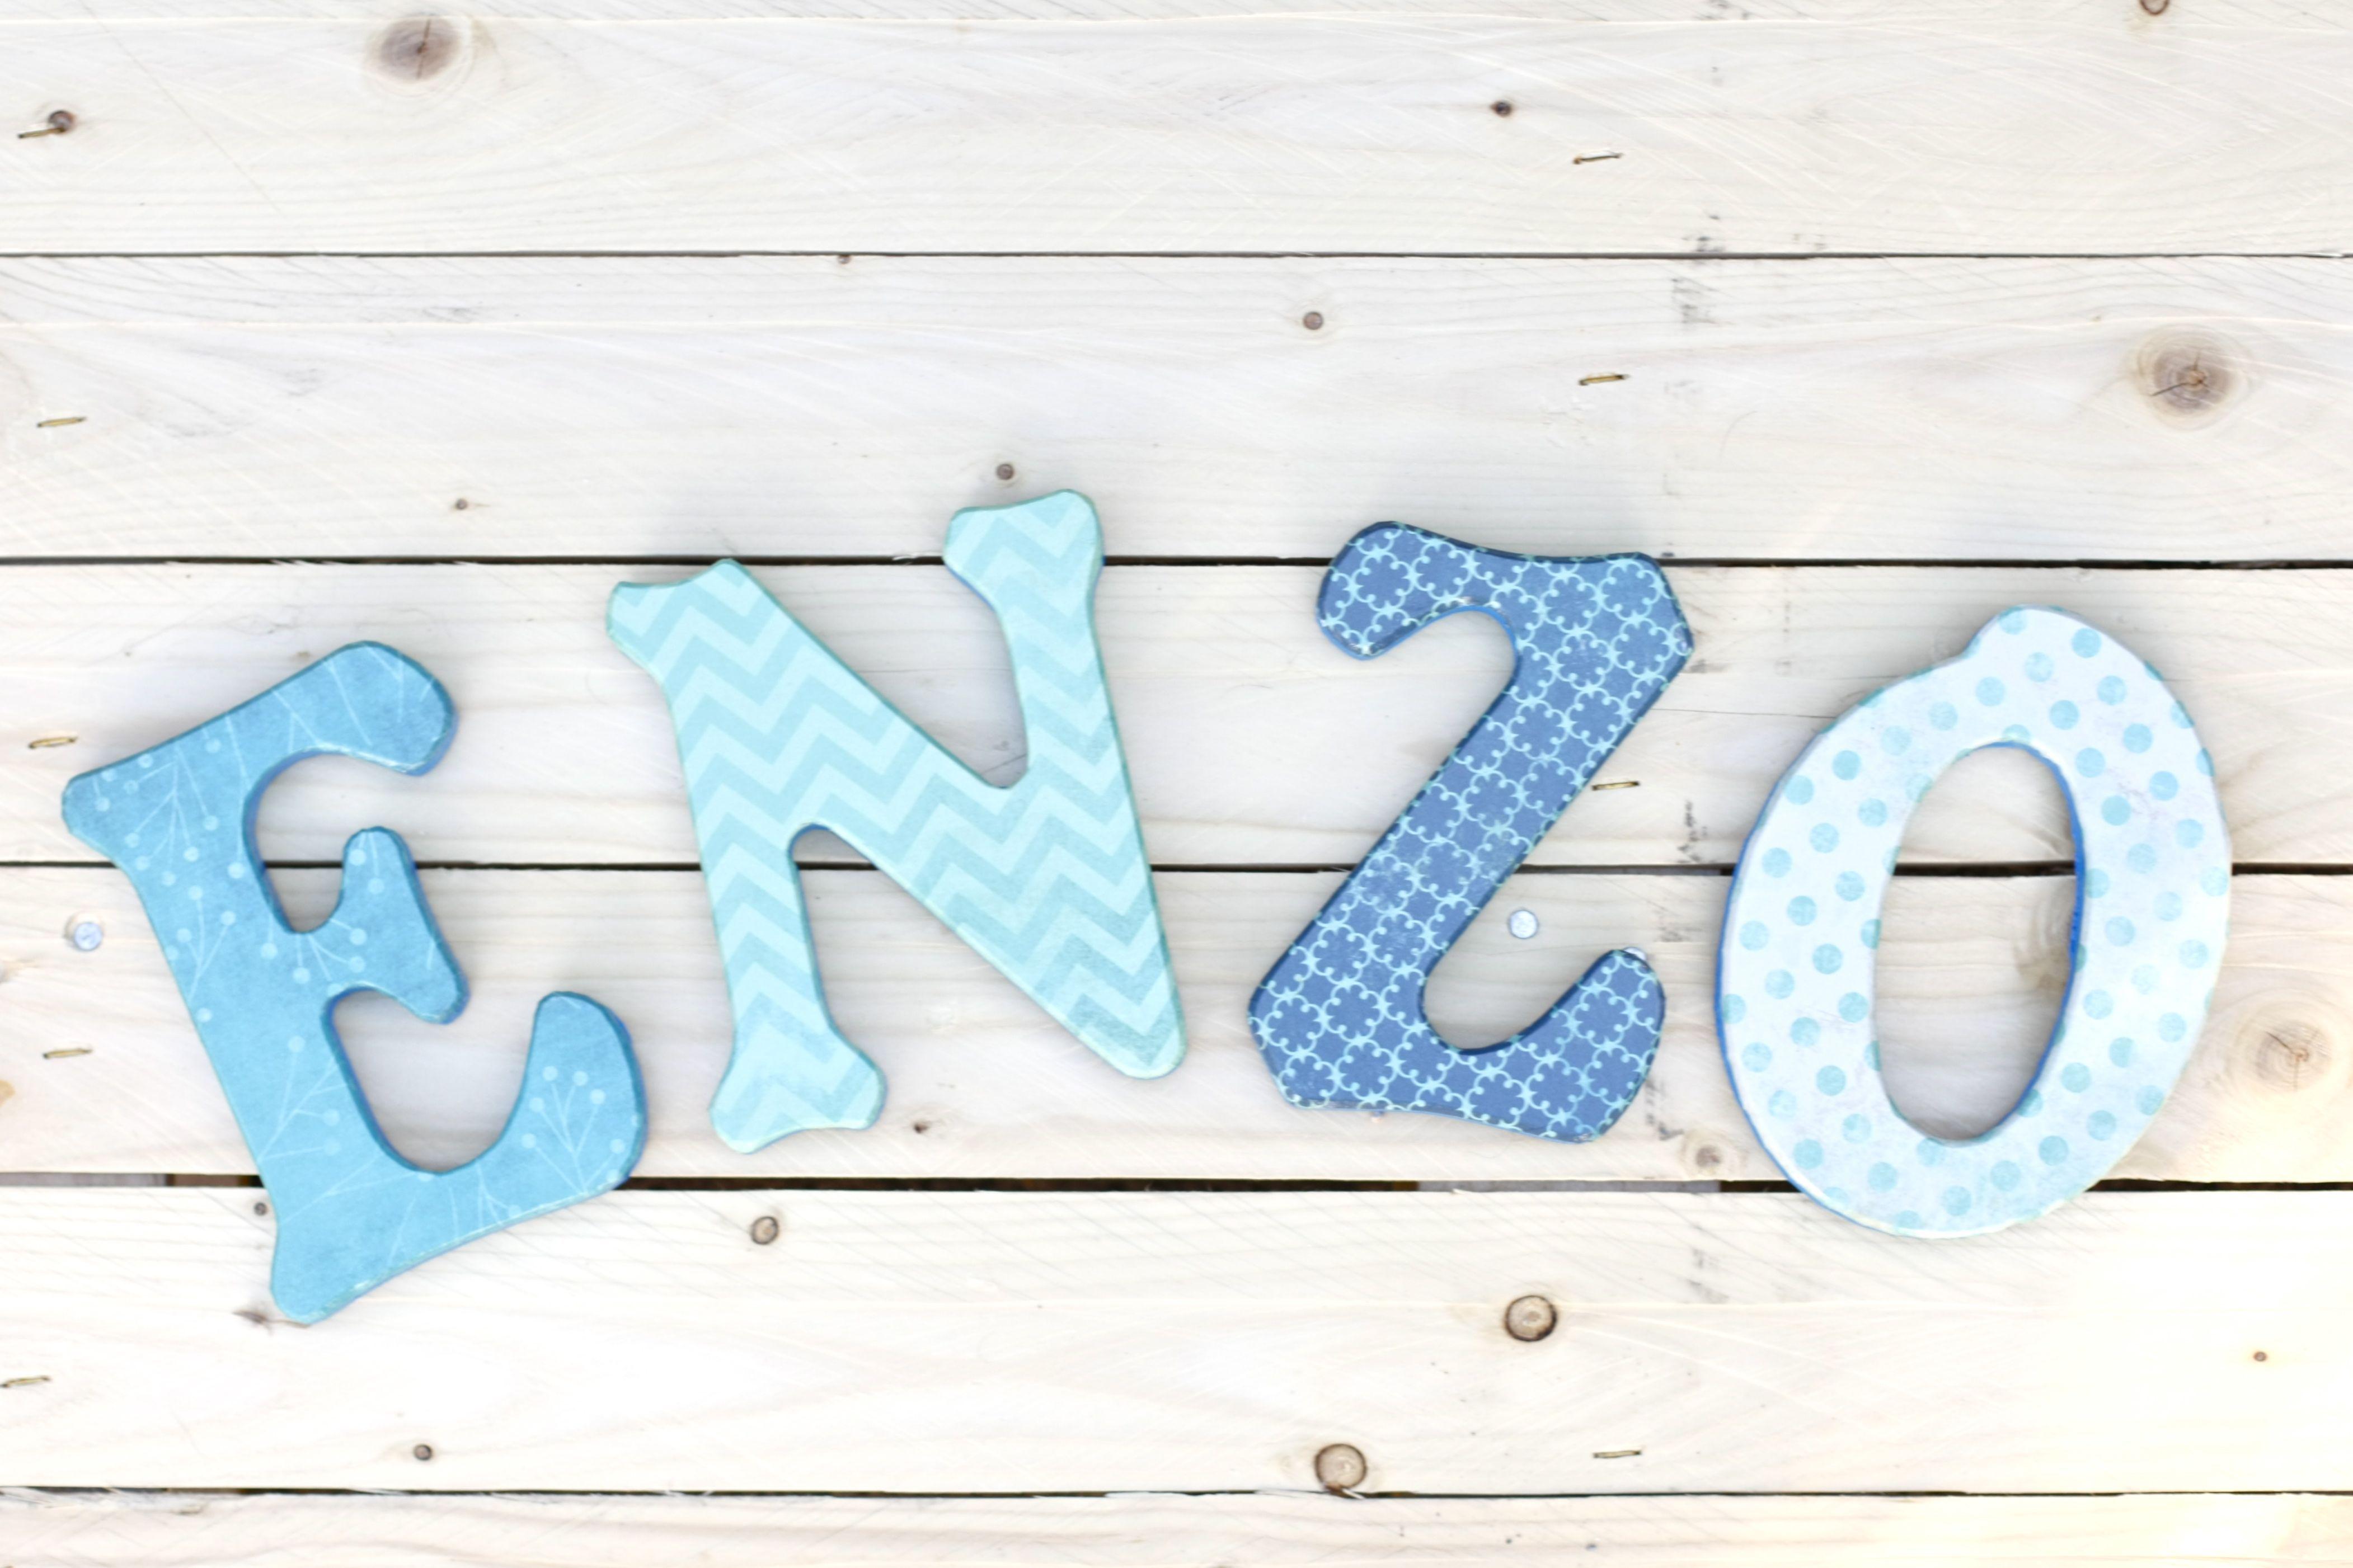 Letras de madera para decorar tus paredes baby - Ideas para decorar letras de madera ...